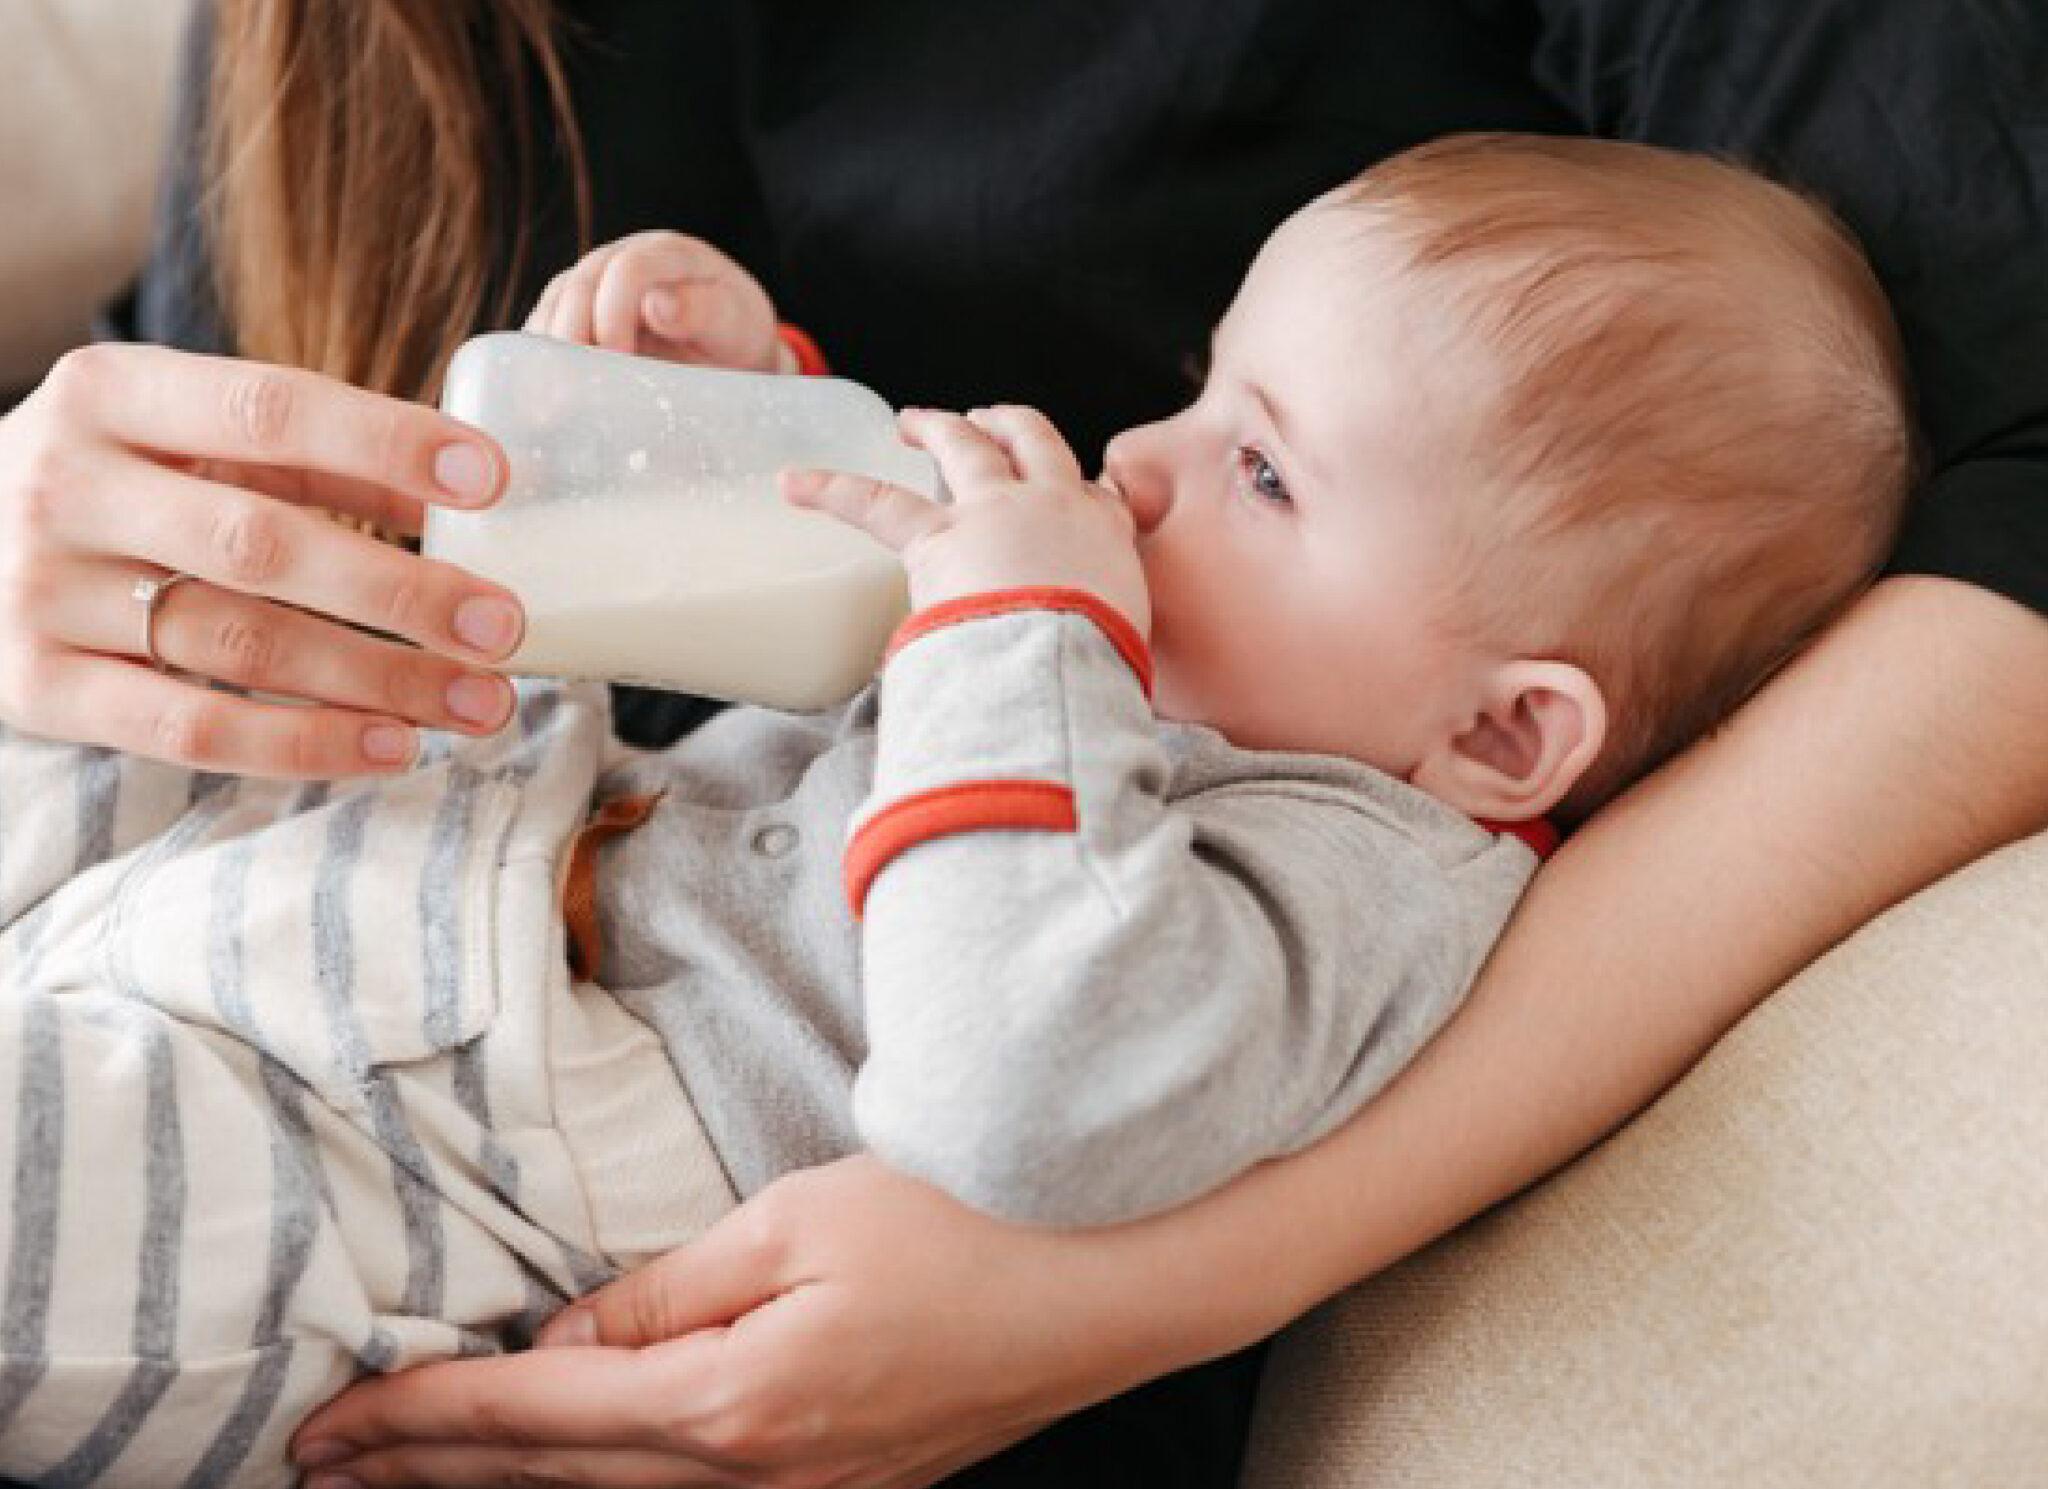 Mẹ có biết thời gian cho trẻ sơ sinh bú bình bao lâu là hợp lý?